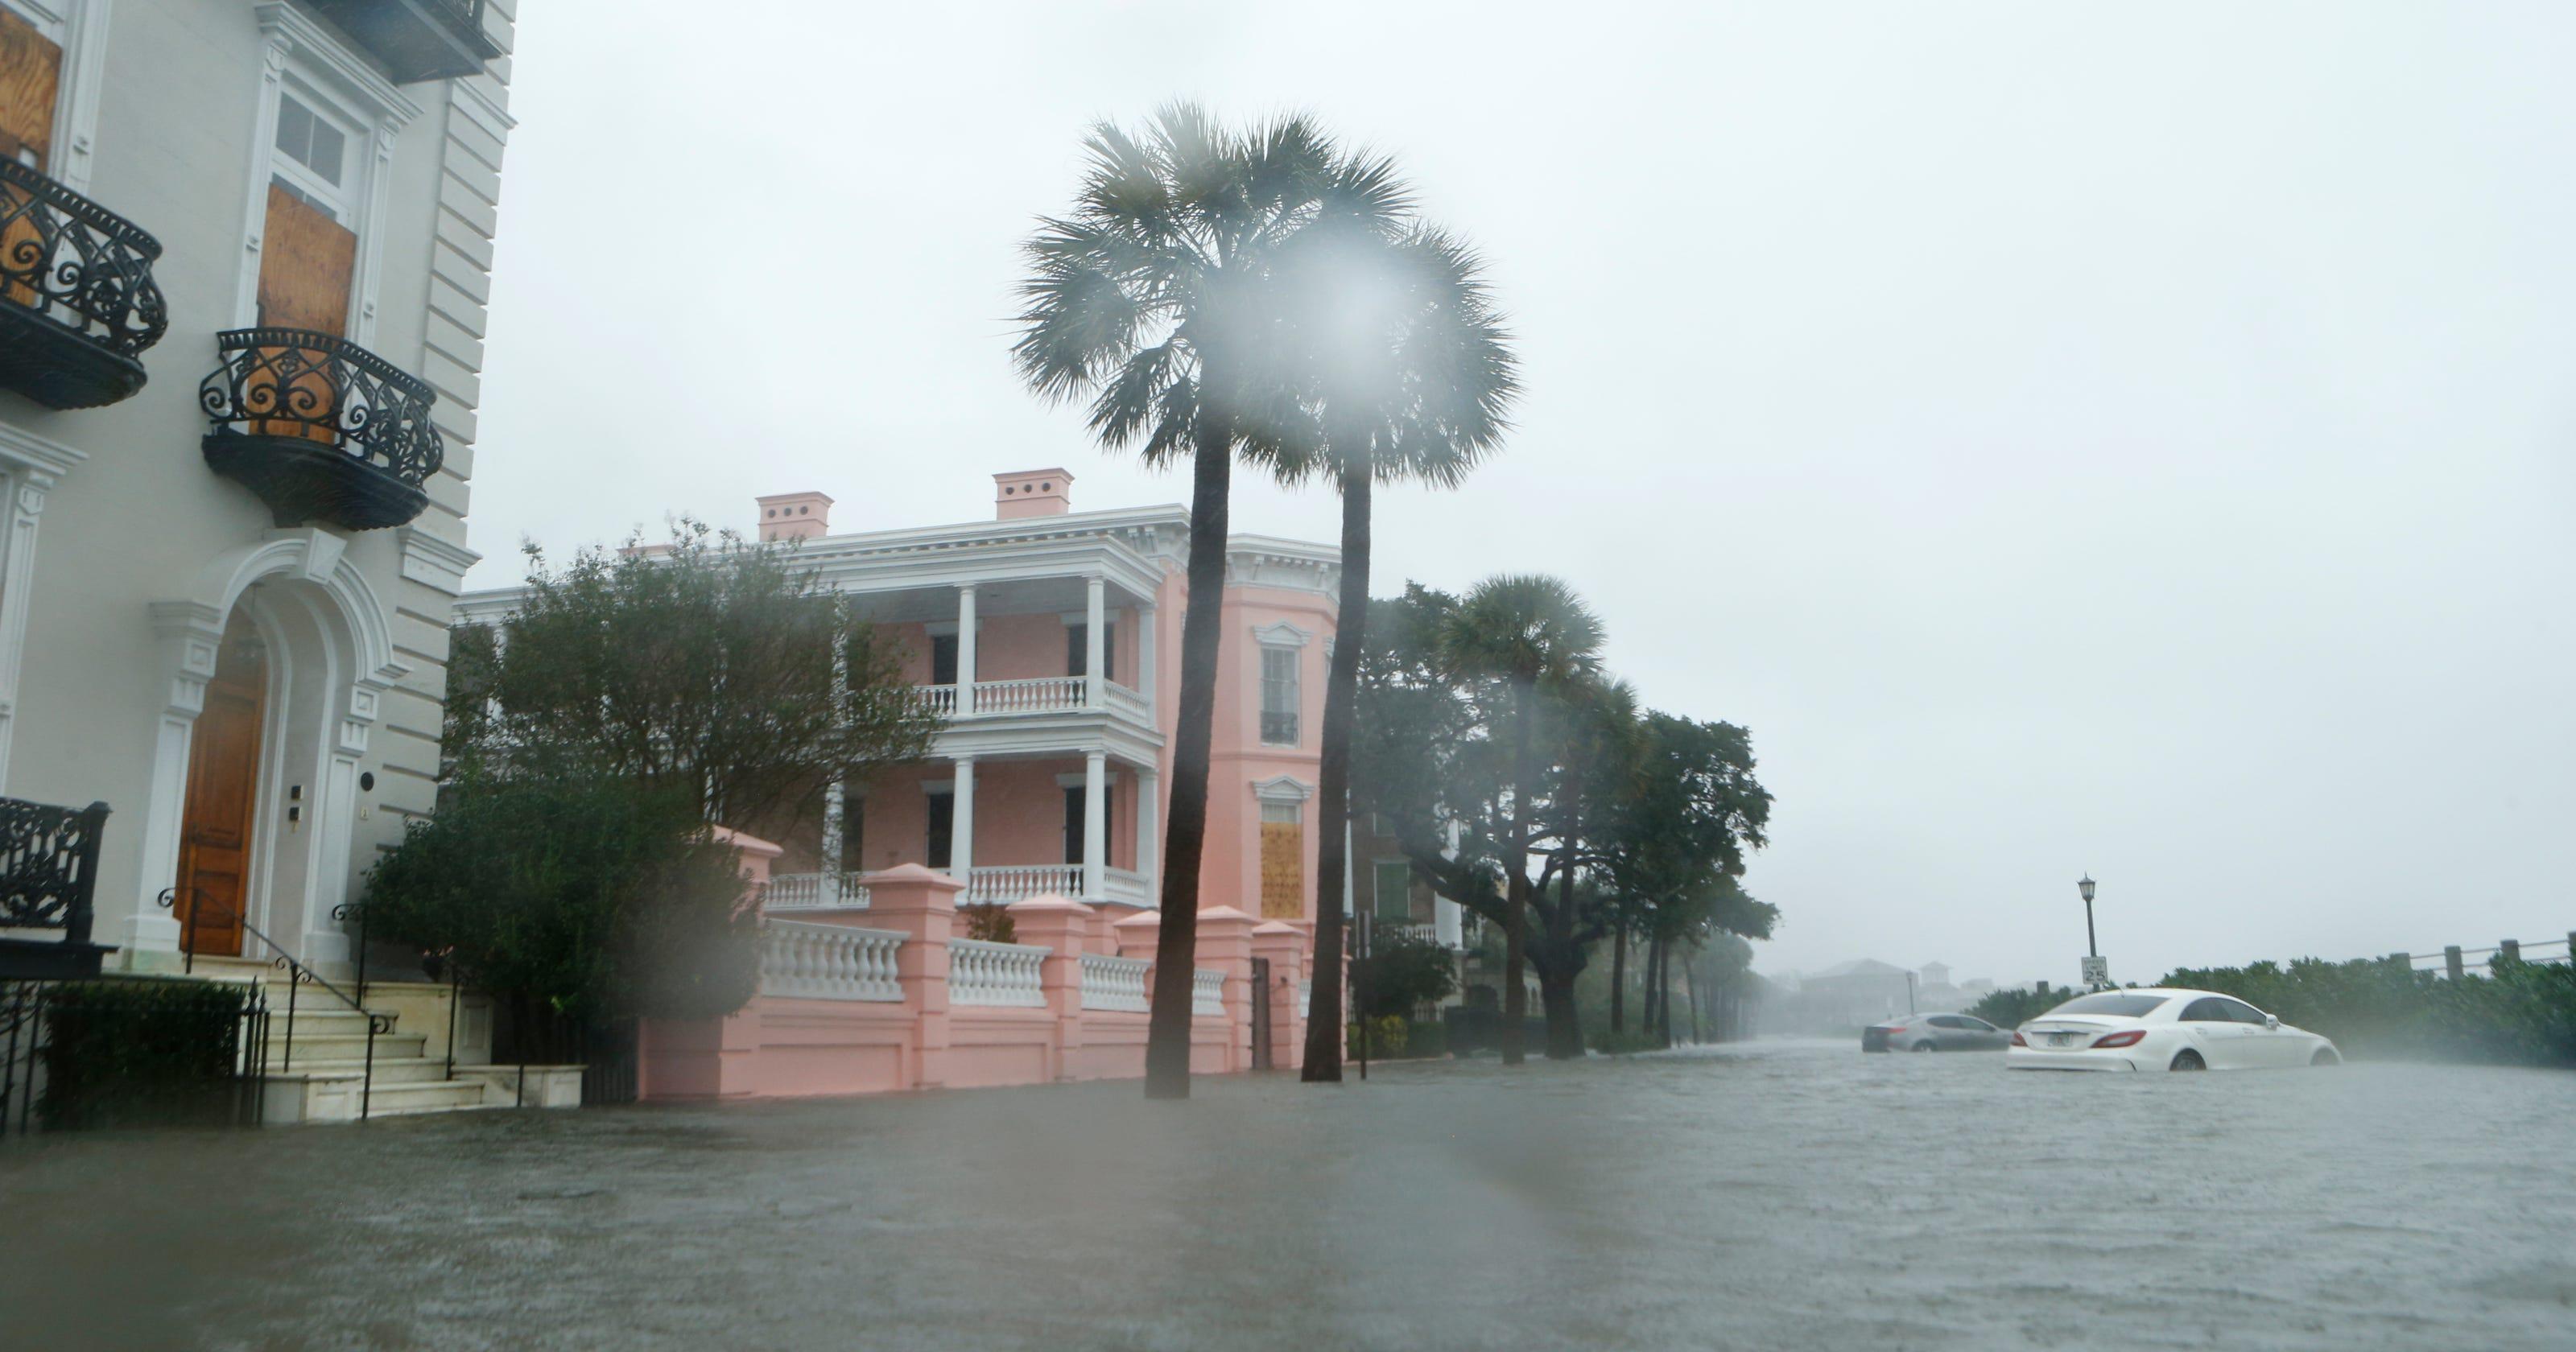 Hurricane Matthew Lashes Charleston As Weakened Cat 1 Storm